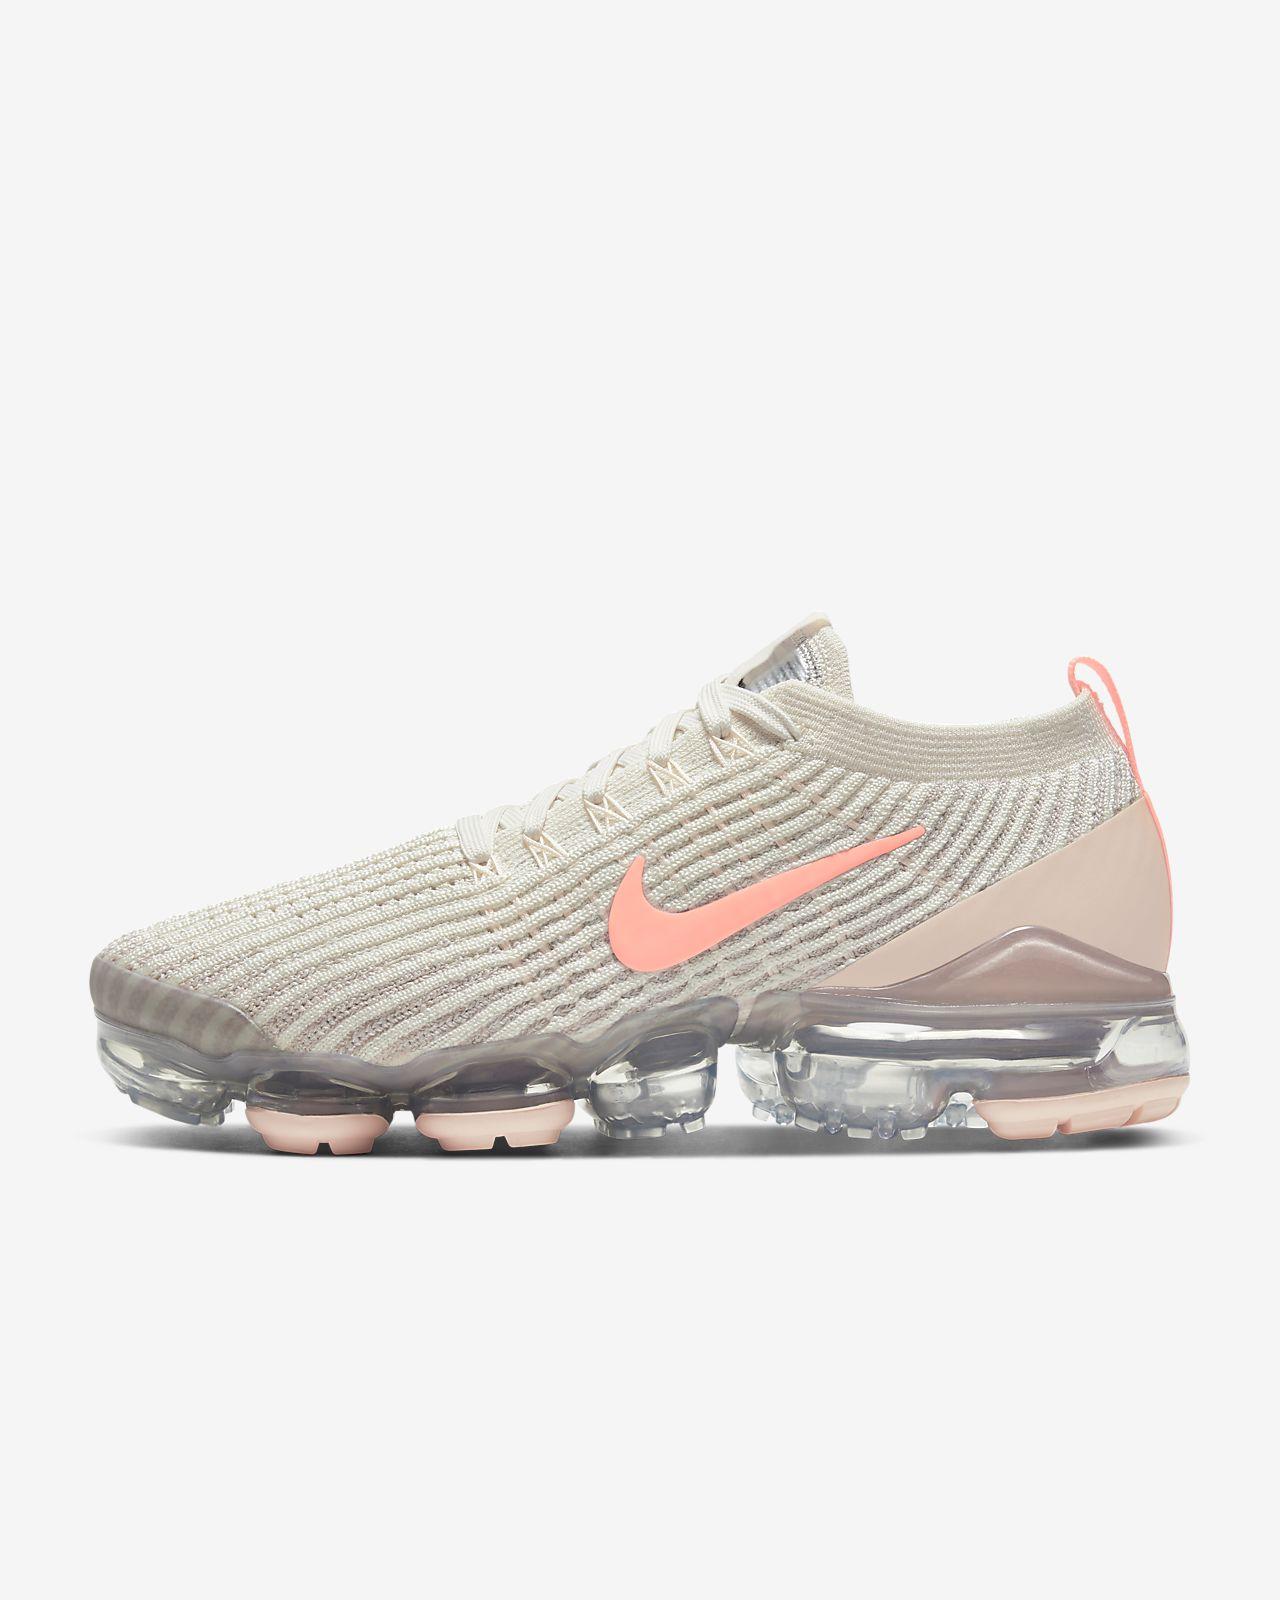 รองเท้าผู้หญิง Nike Air VaporMax Flyknit 3